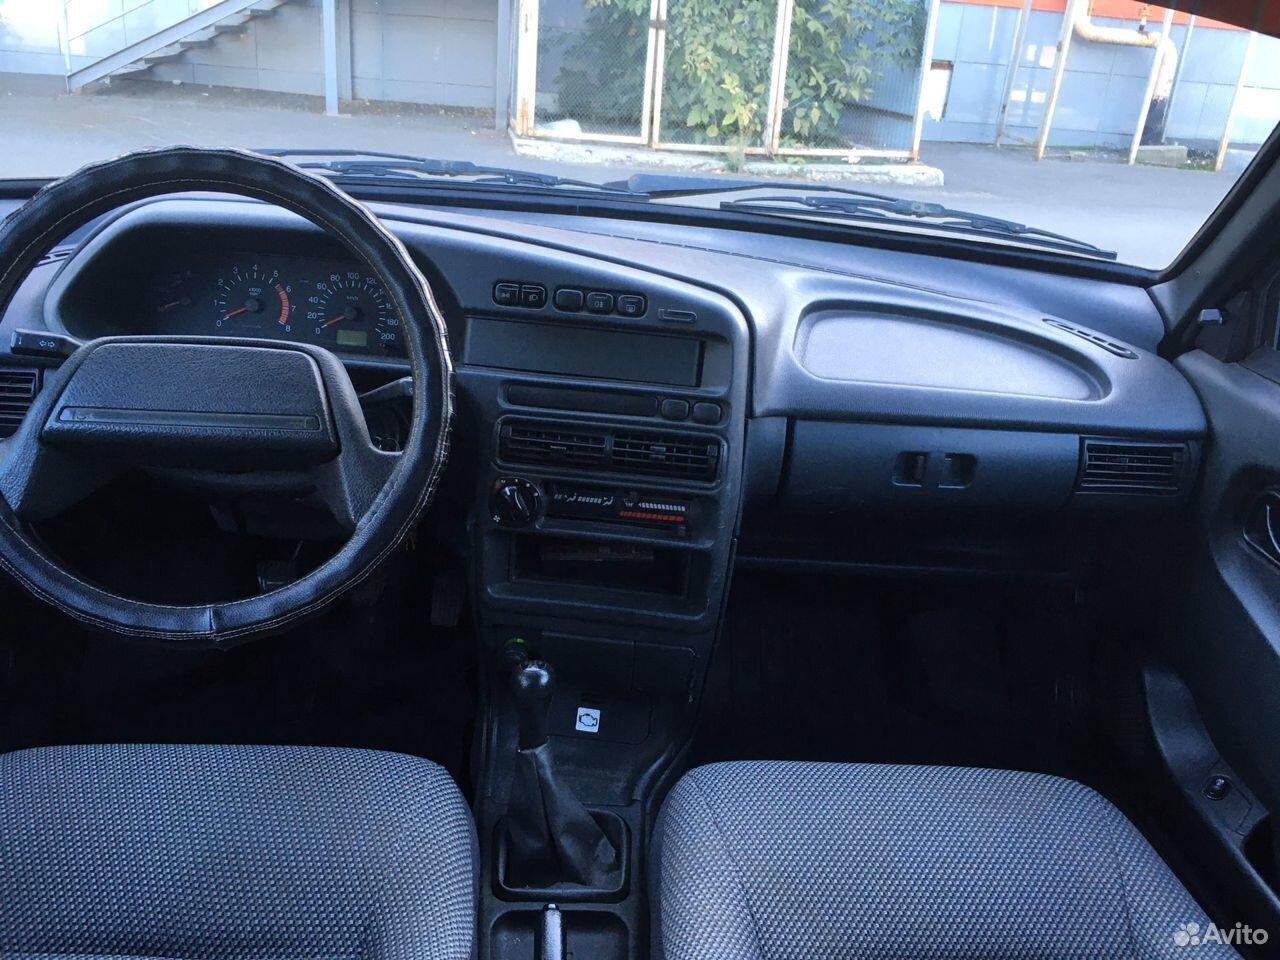 ВАЗ 2114 Samara, 2011  89090524221 купить 3